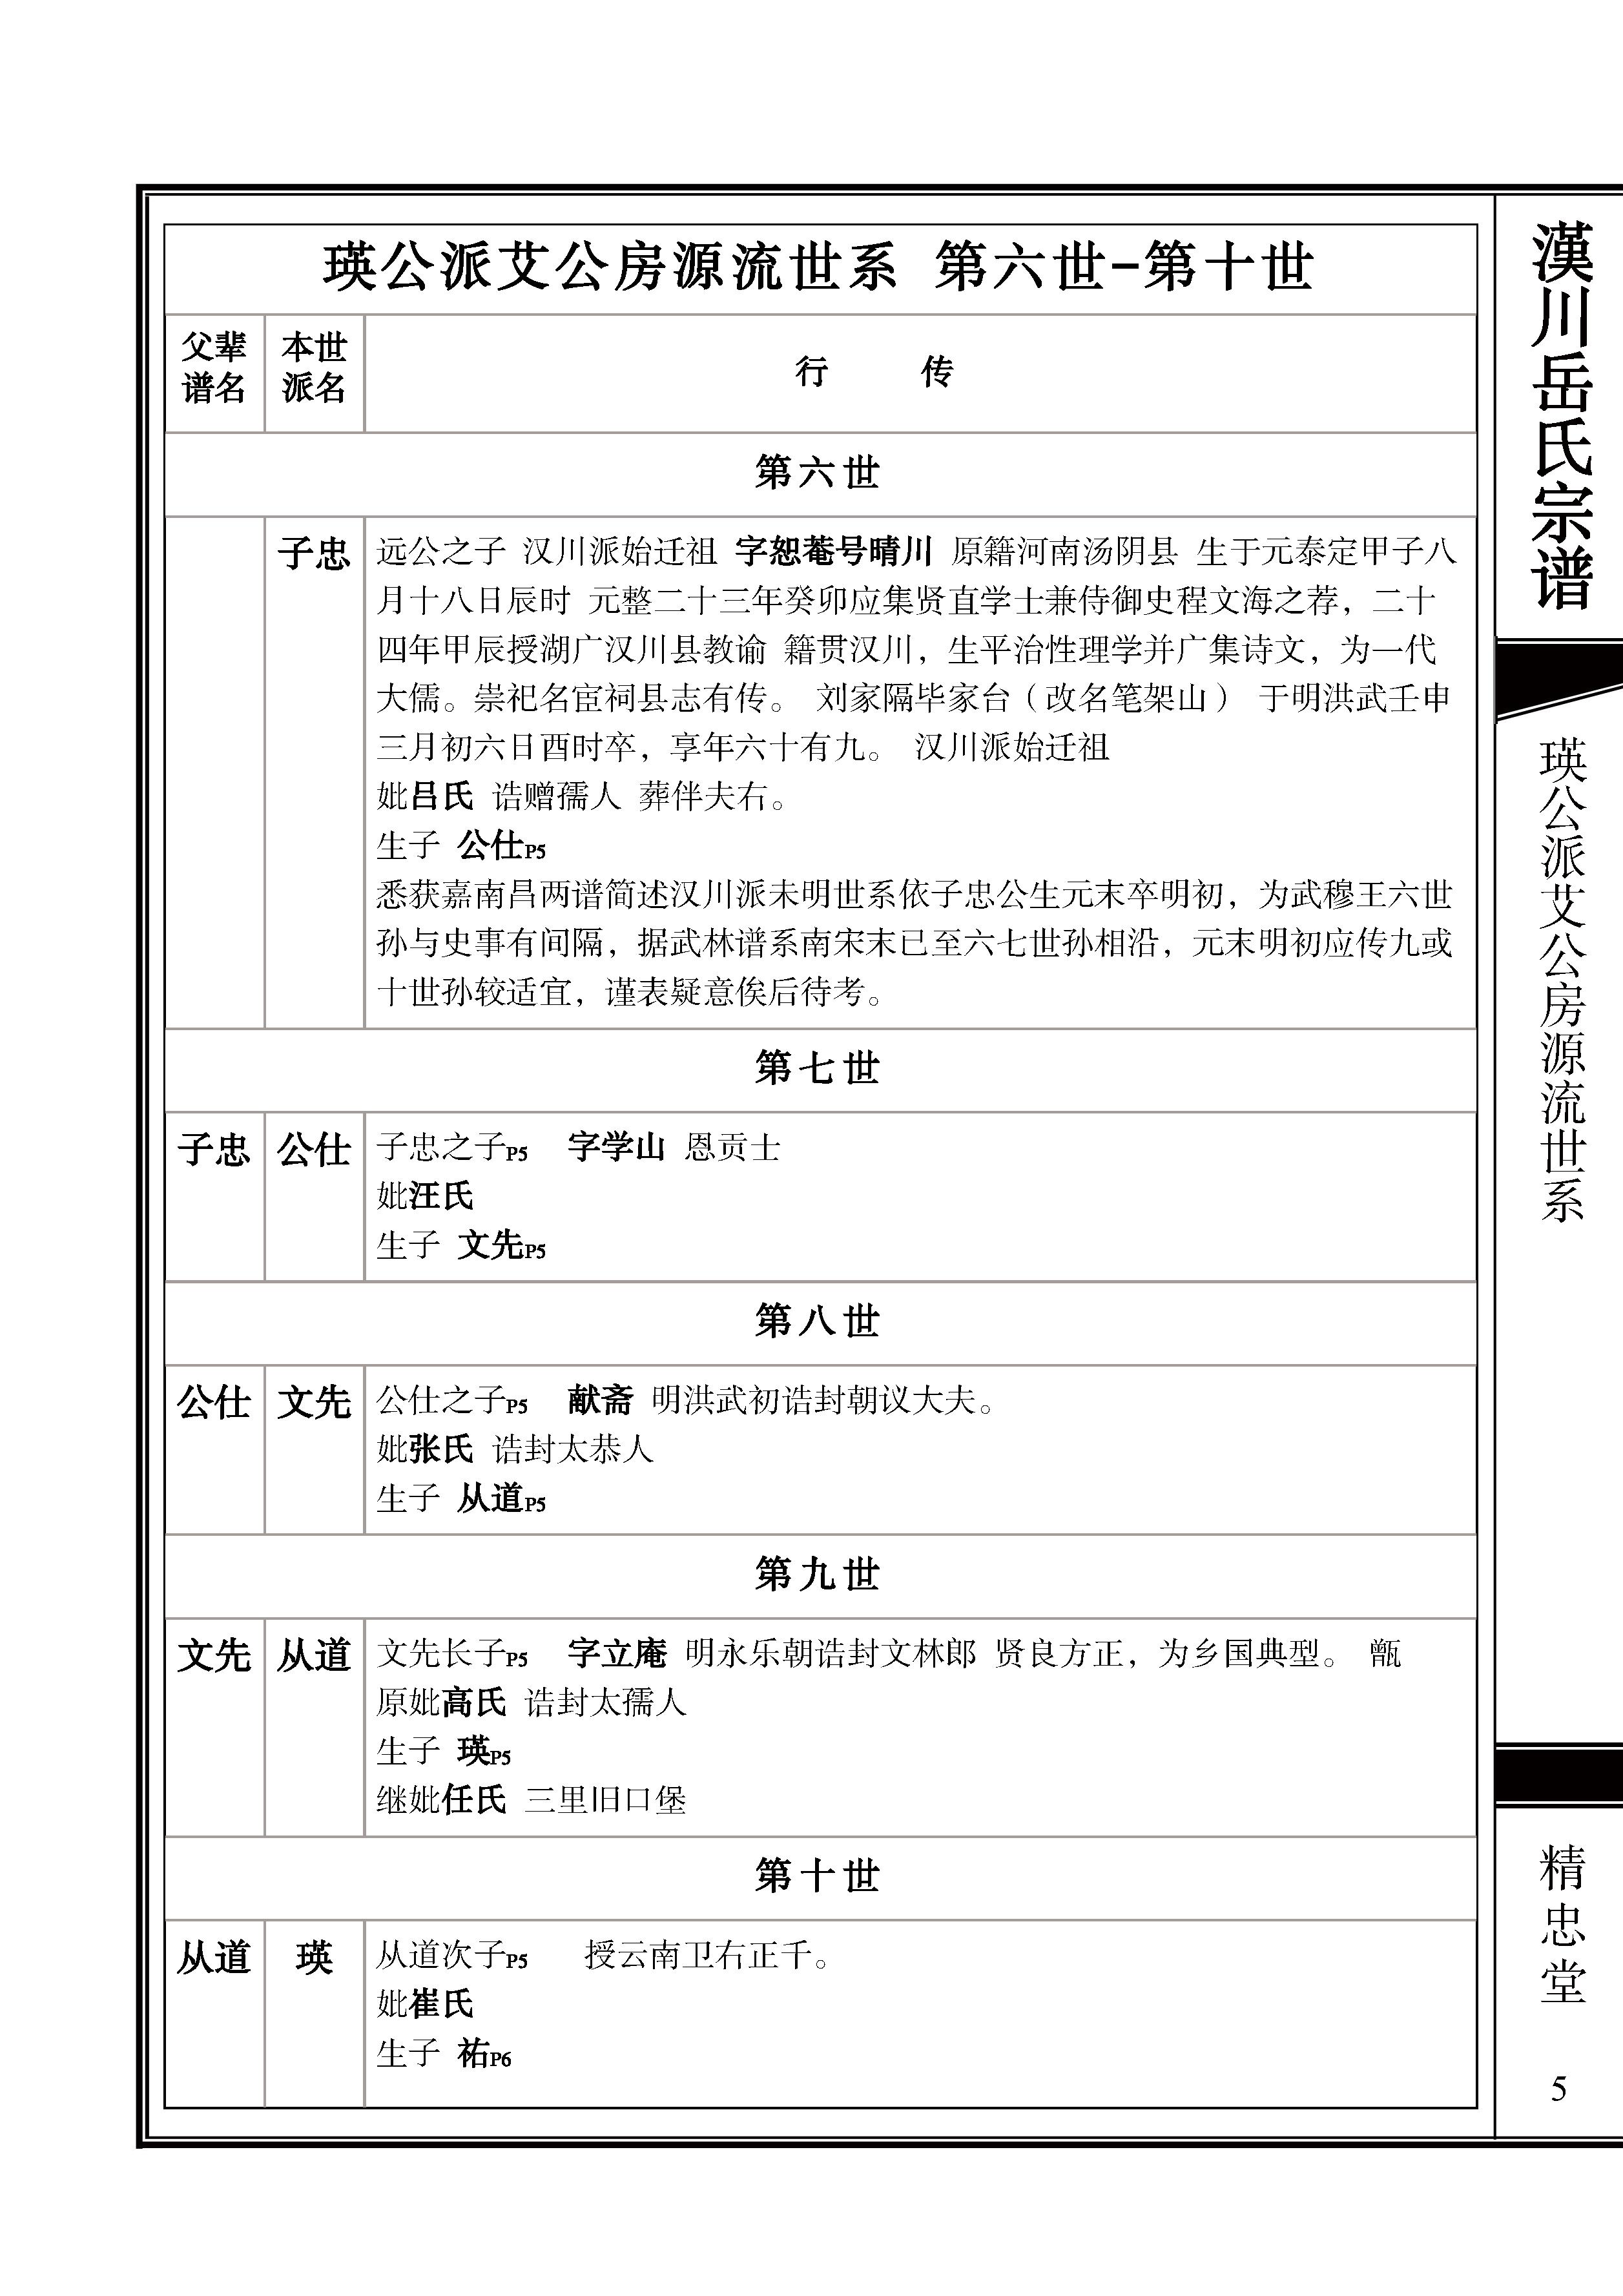 页面提取自-02新苏体表格式_页面_4